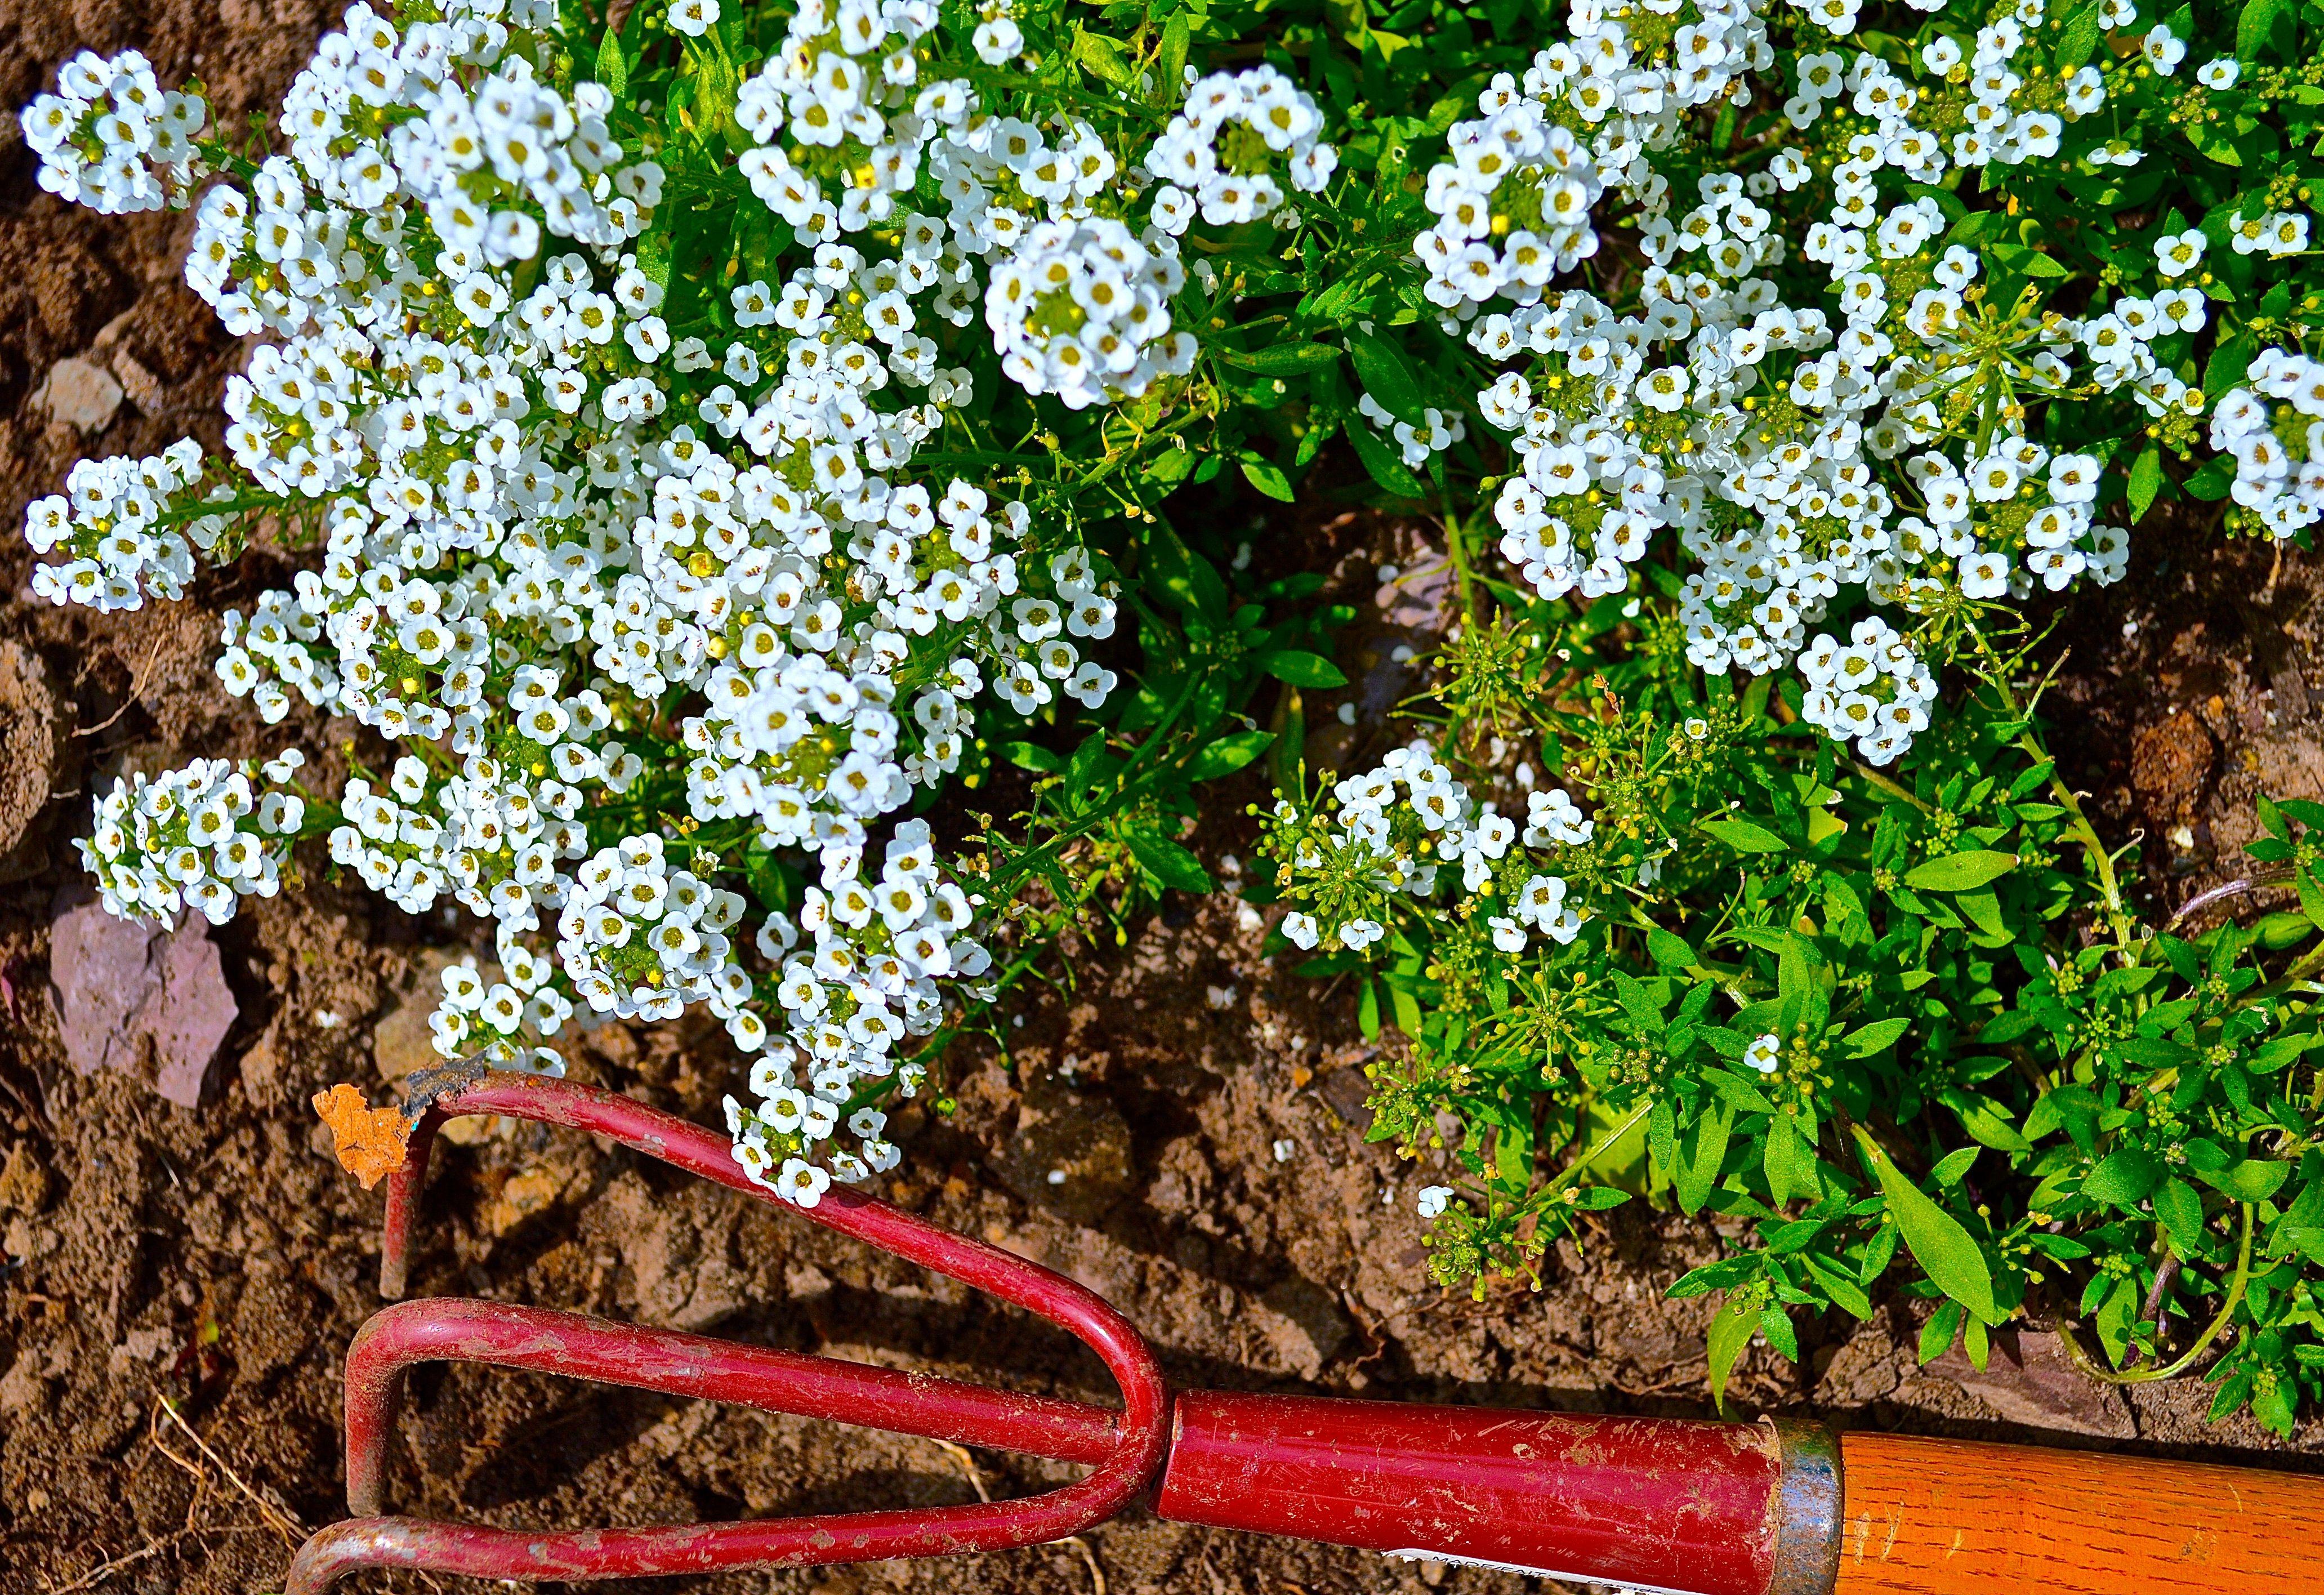 Jardiner en juin Parties de campagne